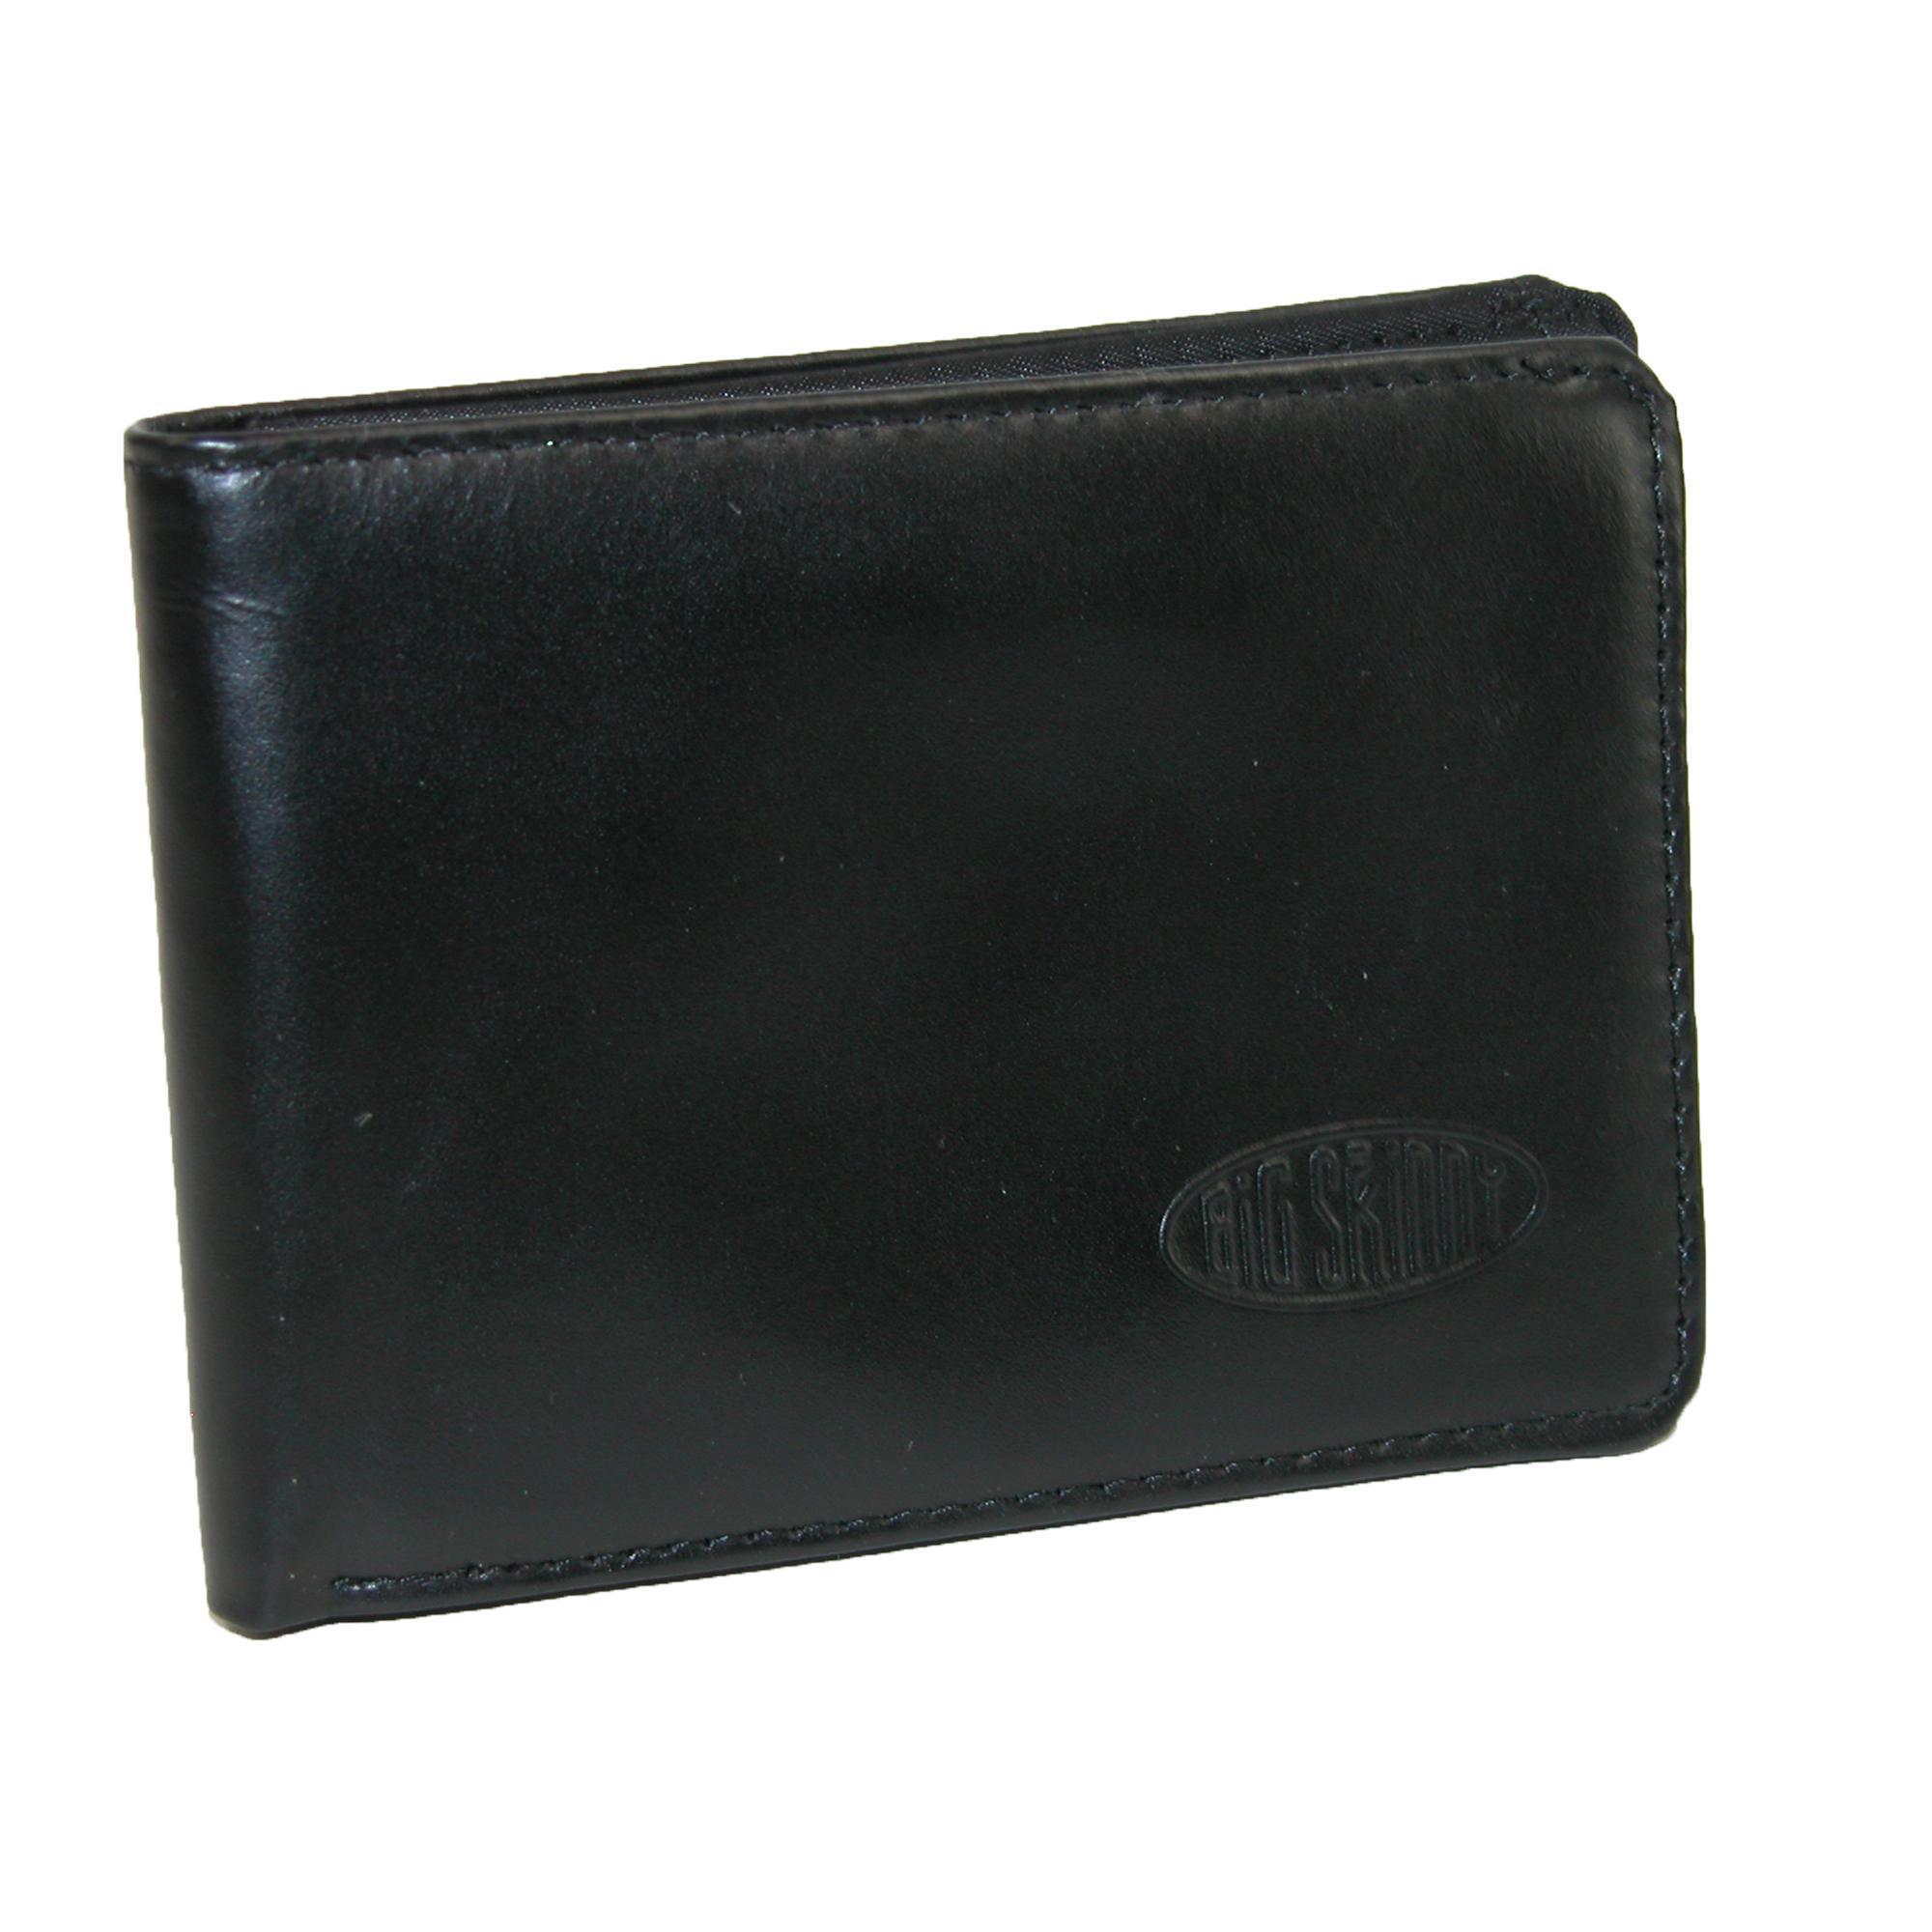 Big Skinny Leather Slim Bifold Badge Holder Wallet